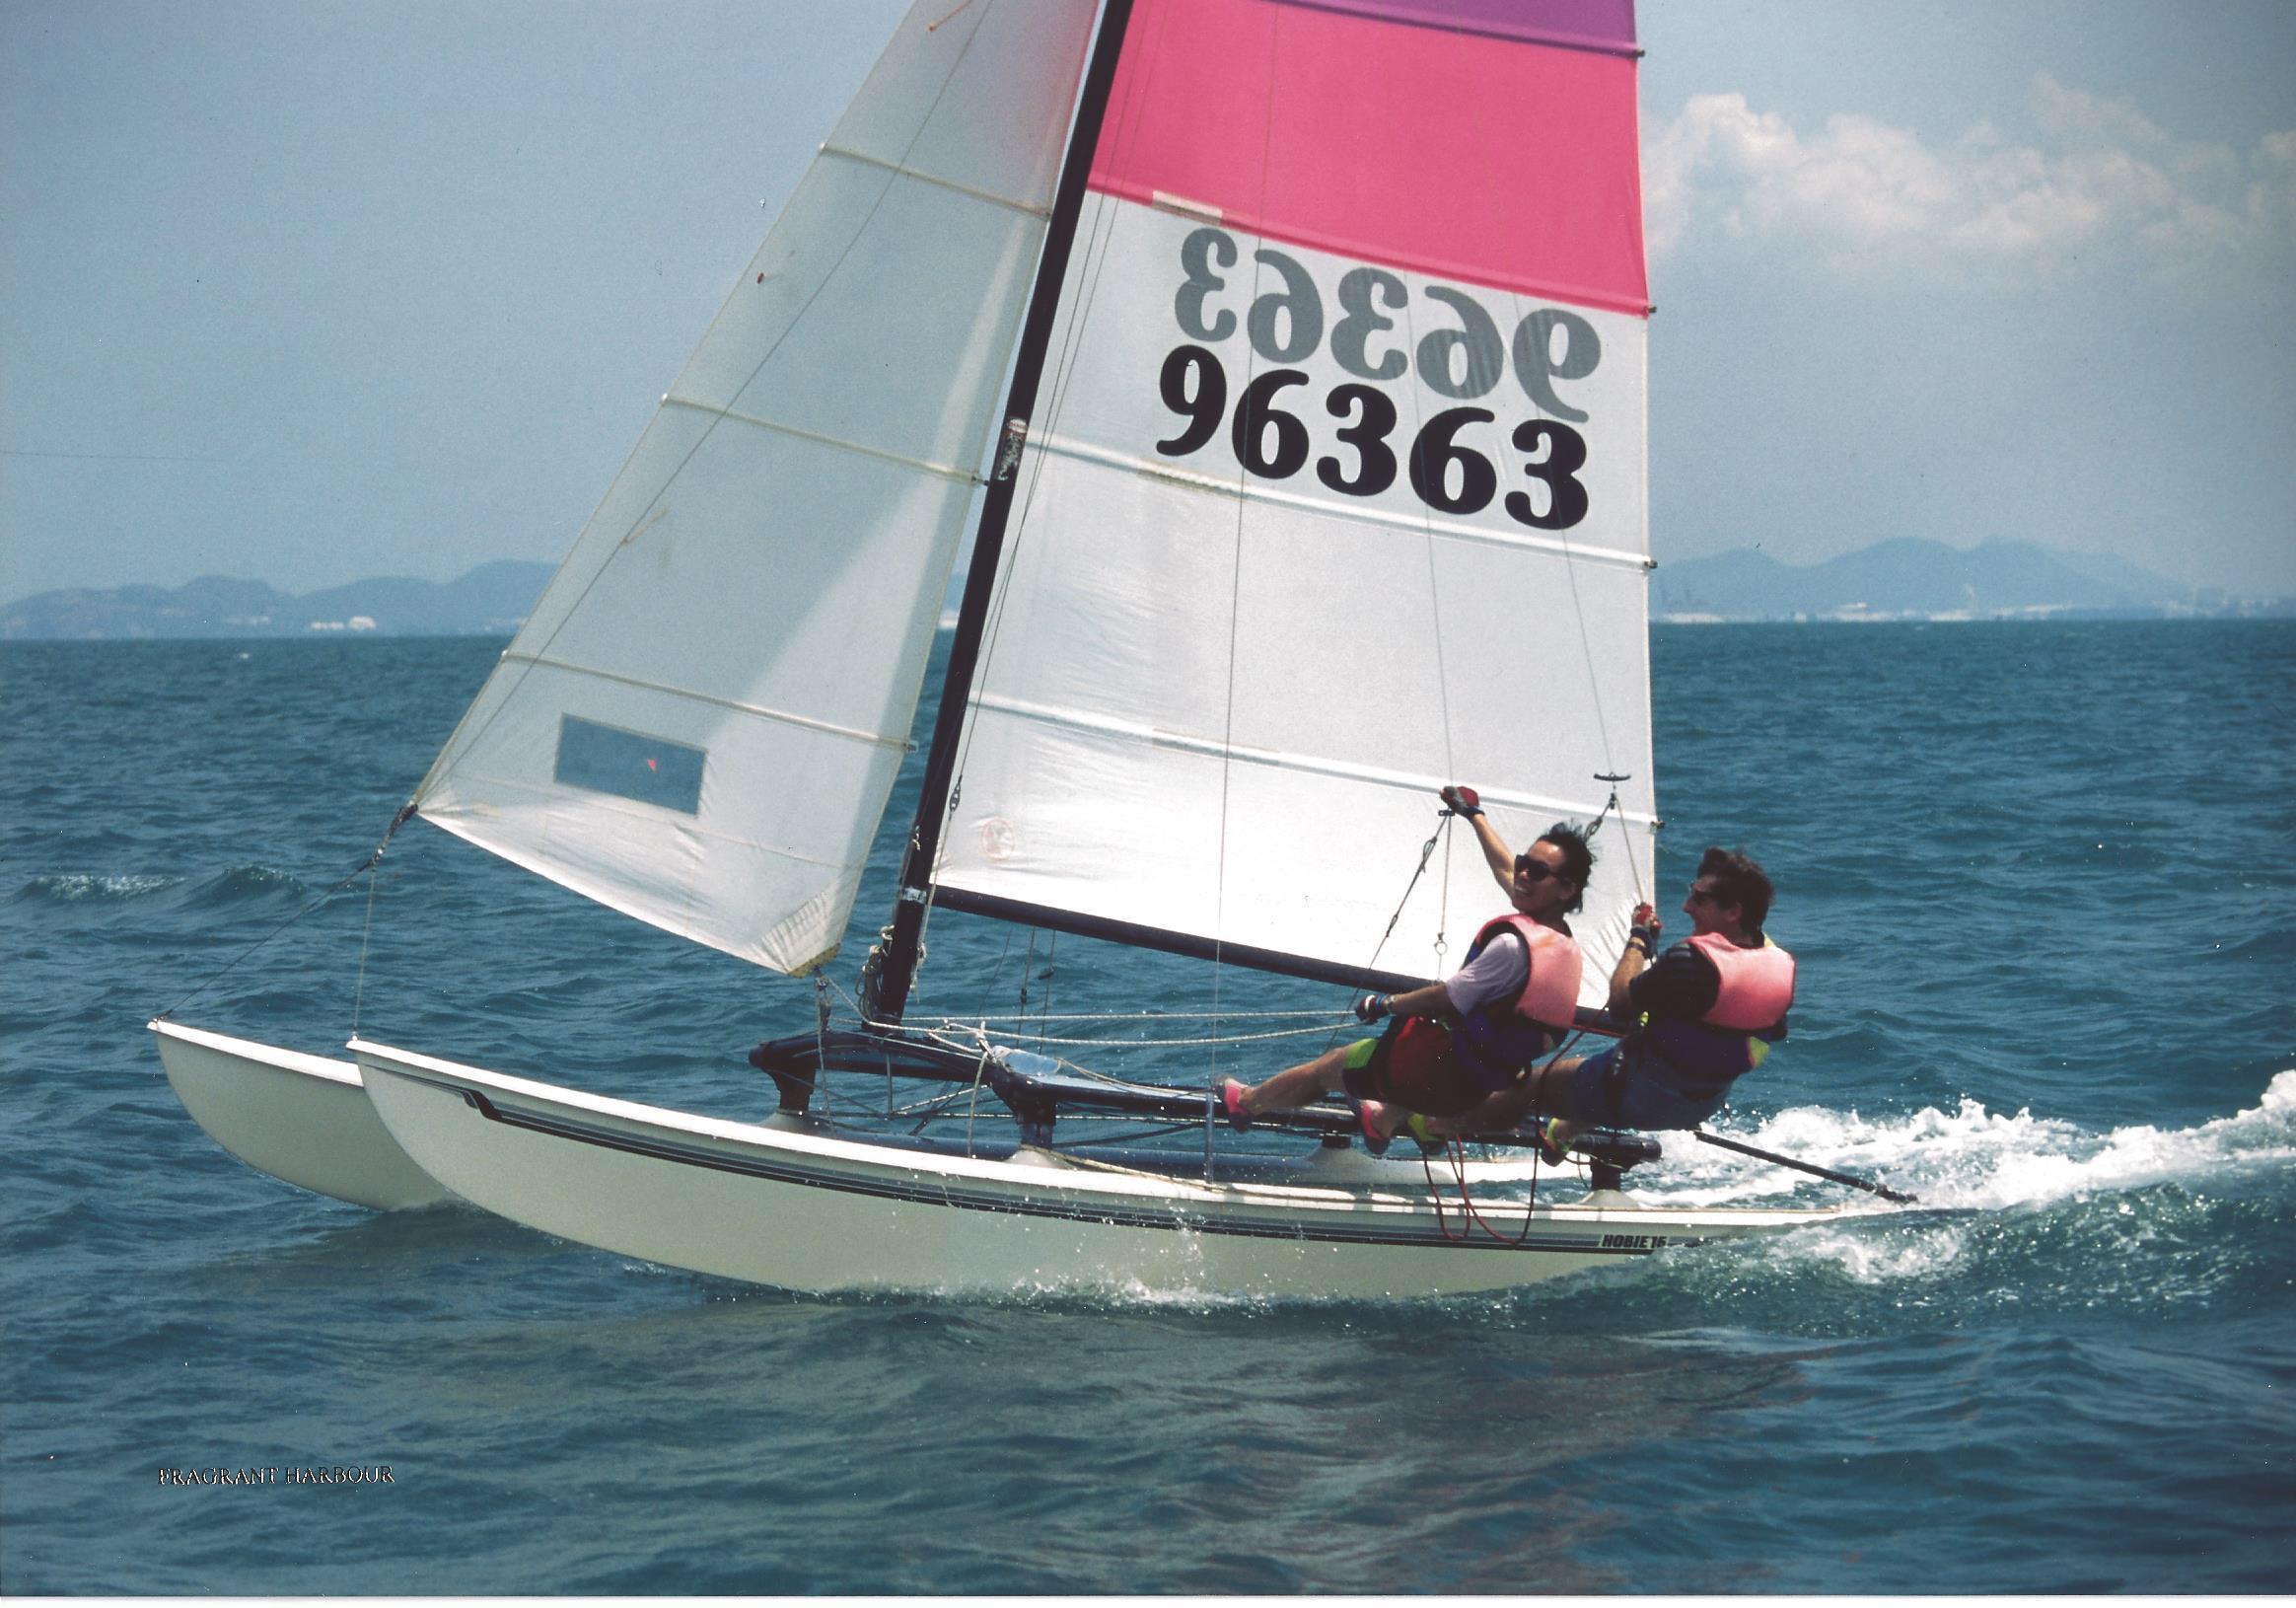 悉尼奥运会,奥运冠军,澳大利亚,亚特兰大,加拿大 帆赛将门出虎子,里约奥运夺亚军--《再济沧海》(67)